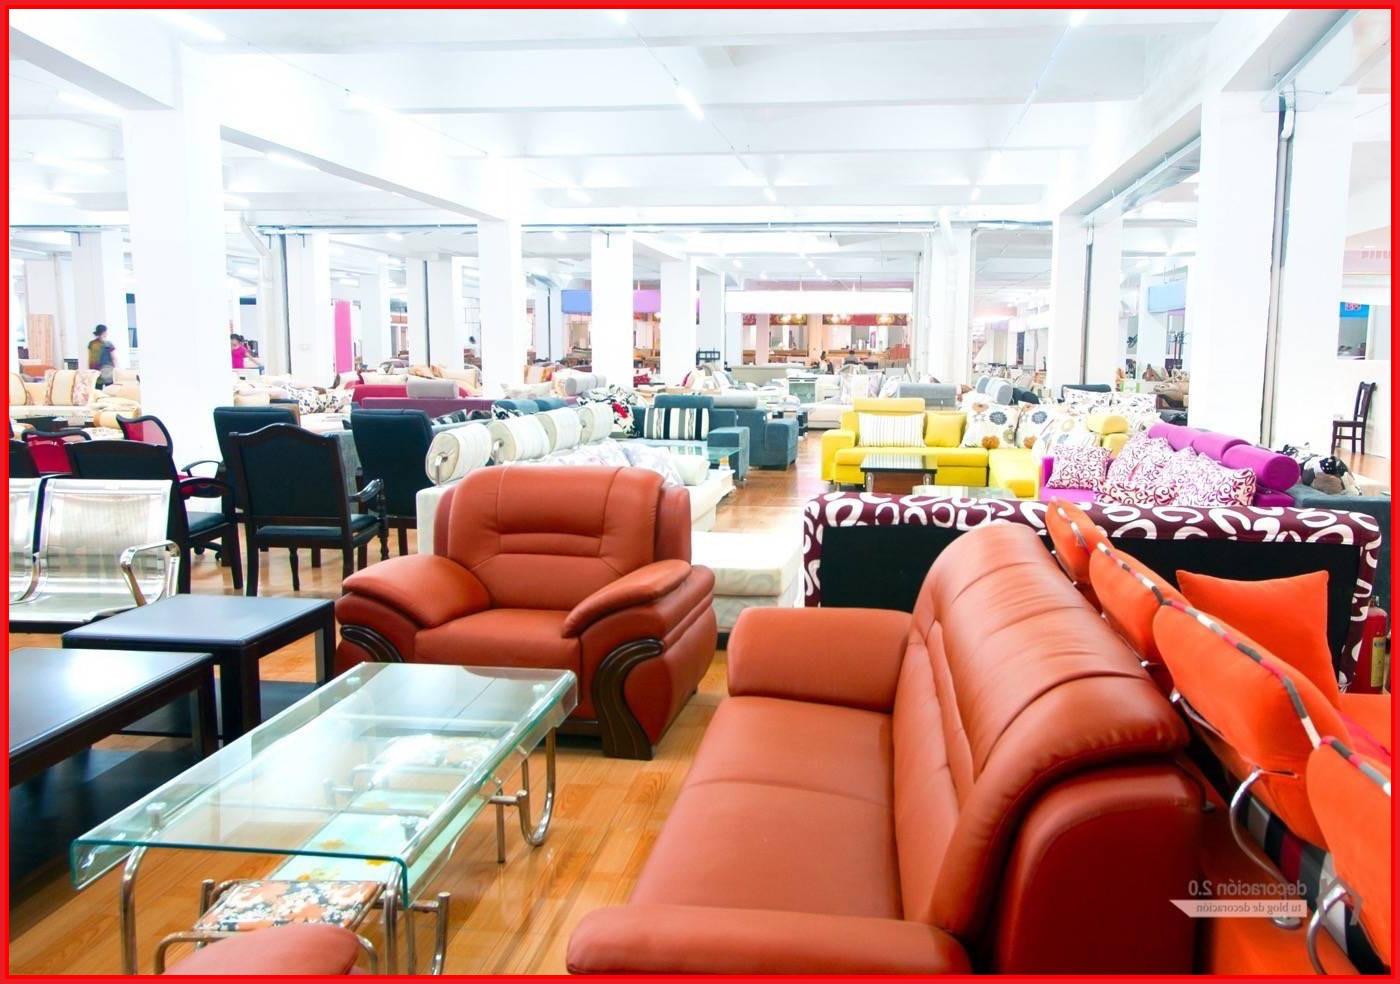 Tiendas De Muebles En Malaga Capital Q0d4 Tiendas De Muebles En Malaga Capital Tienda Muebles En Malaga